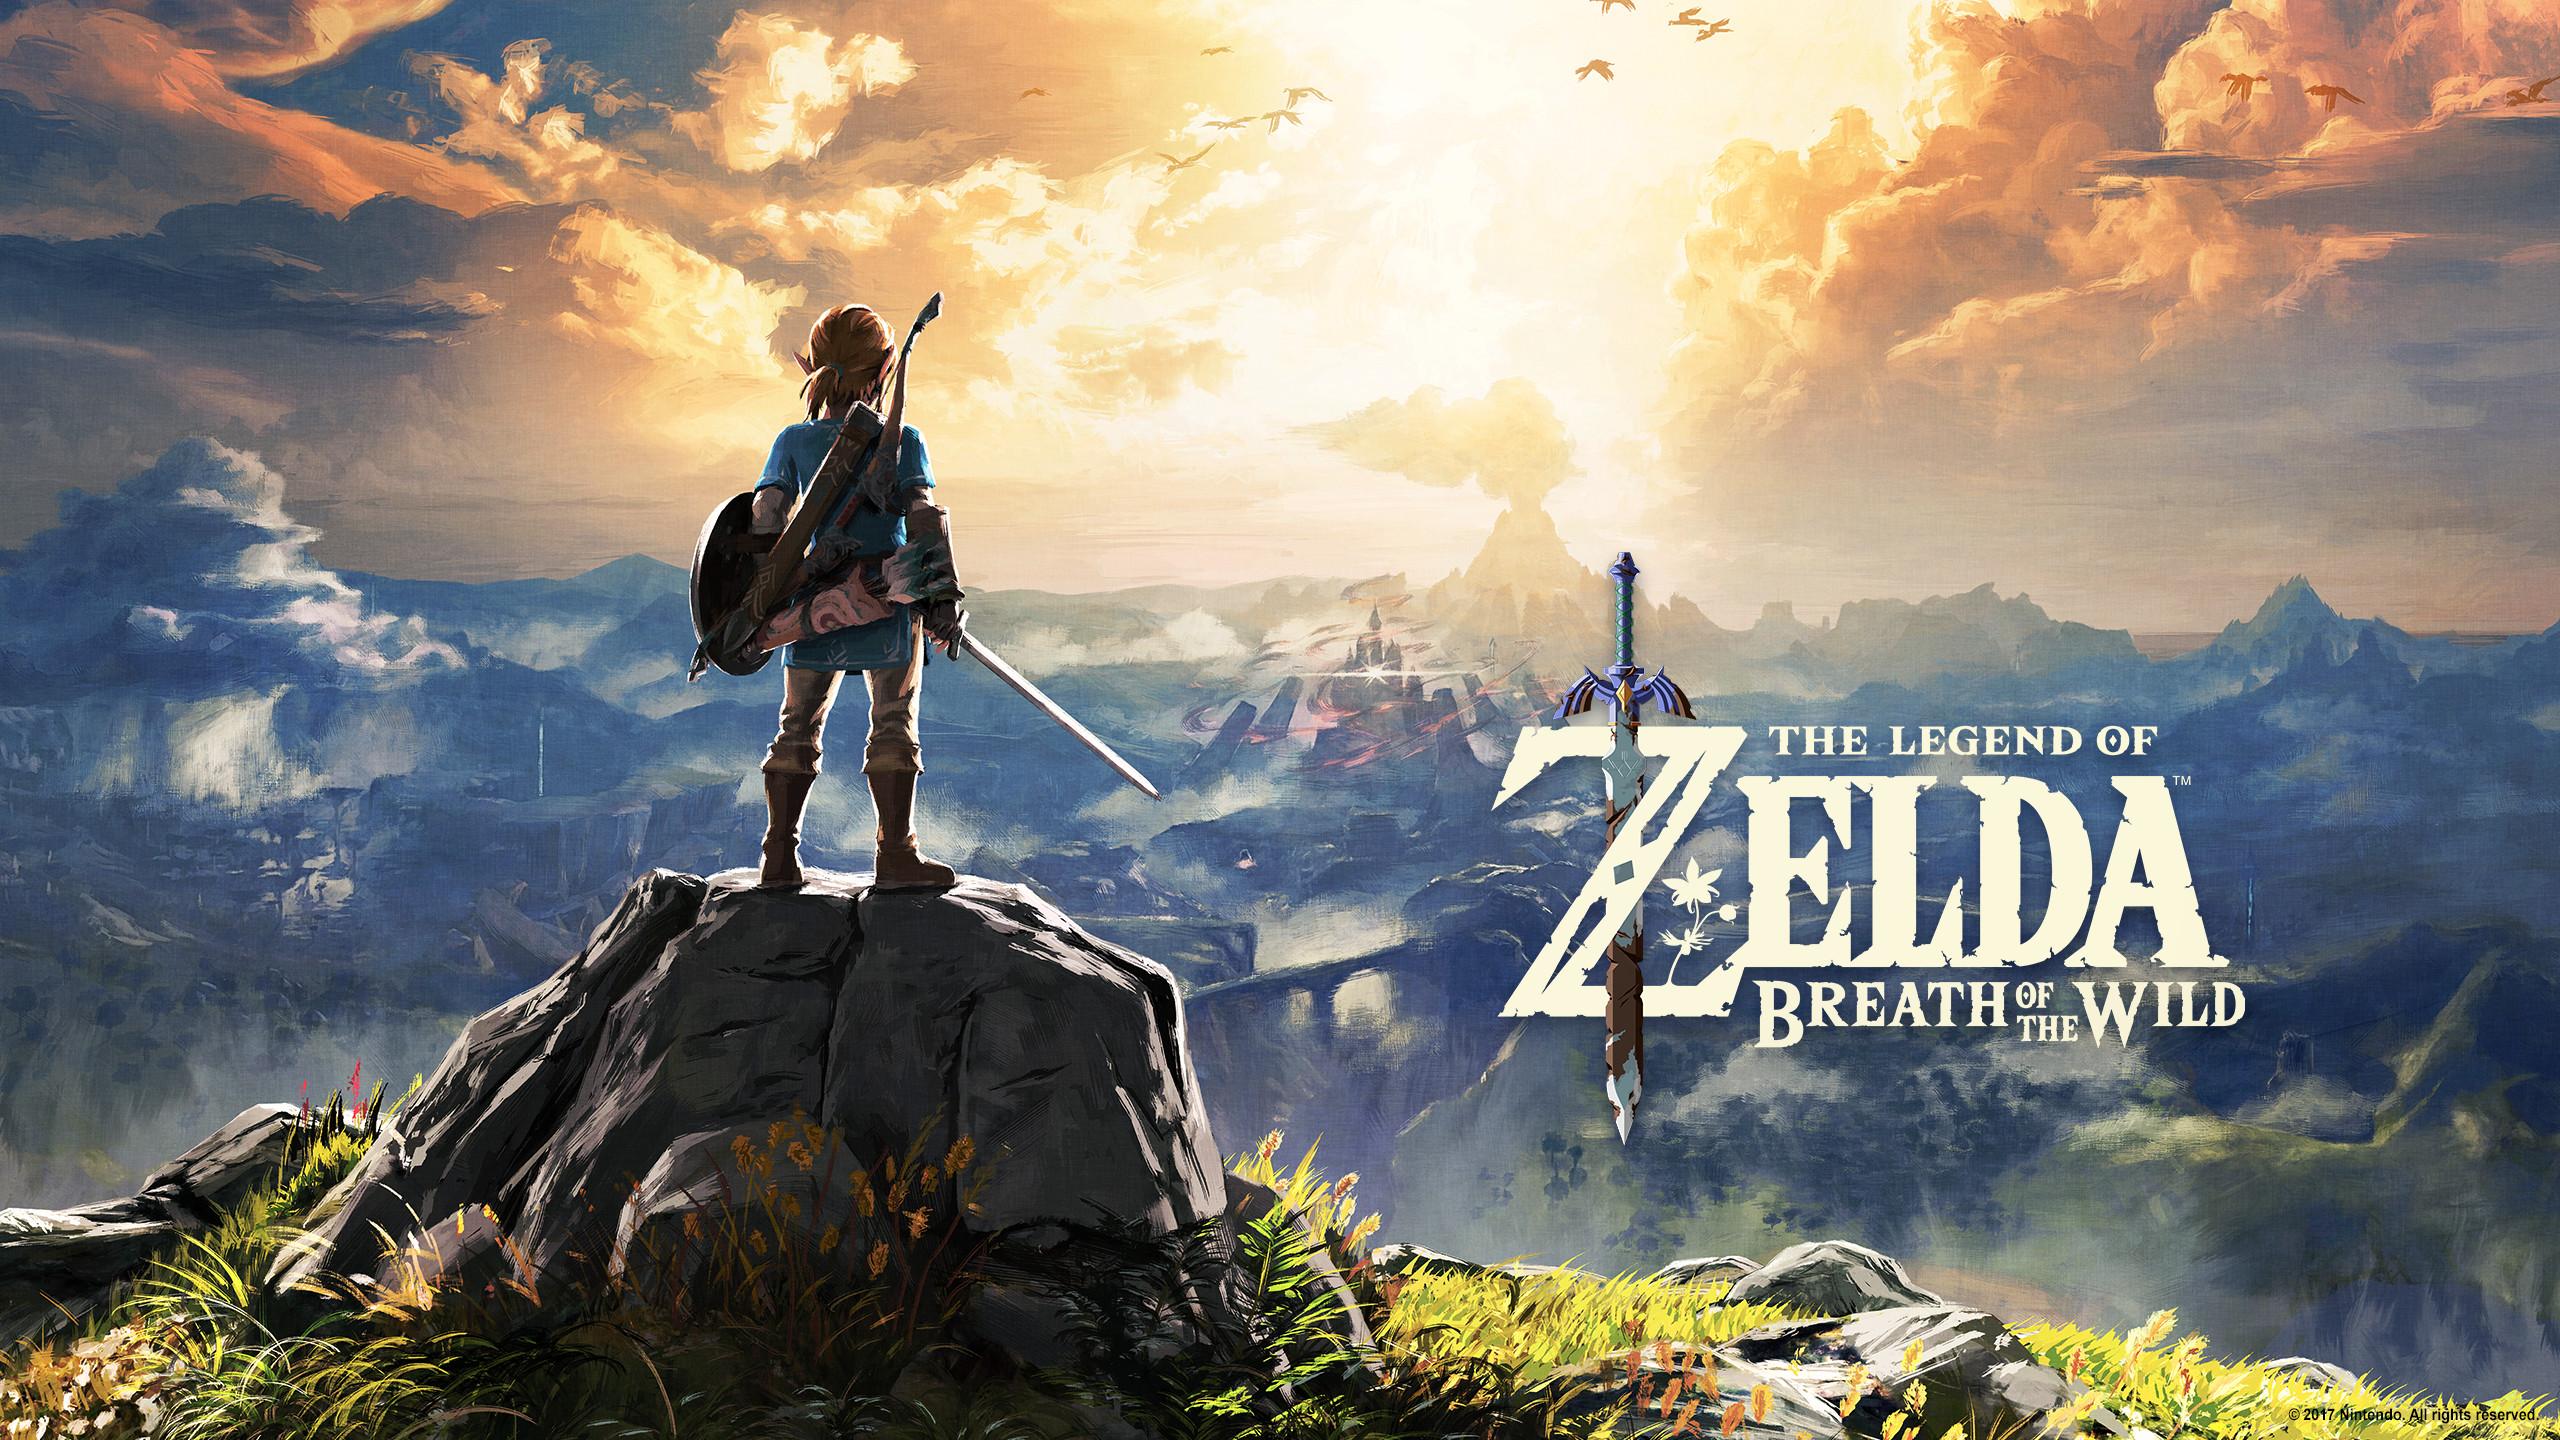 Steam Workshop Legend of Zelda Breath of the Wild 2560x1440